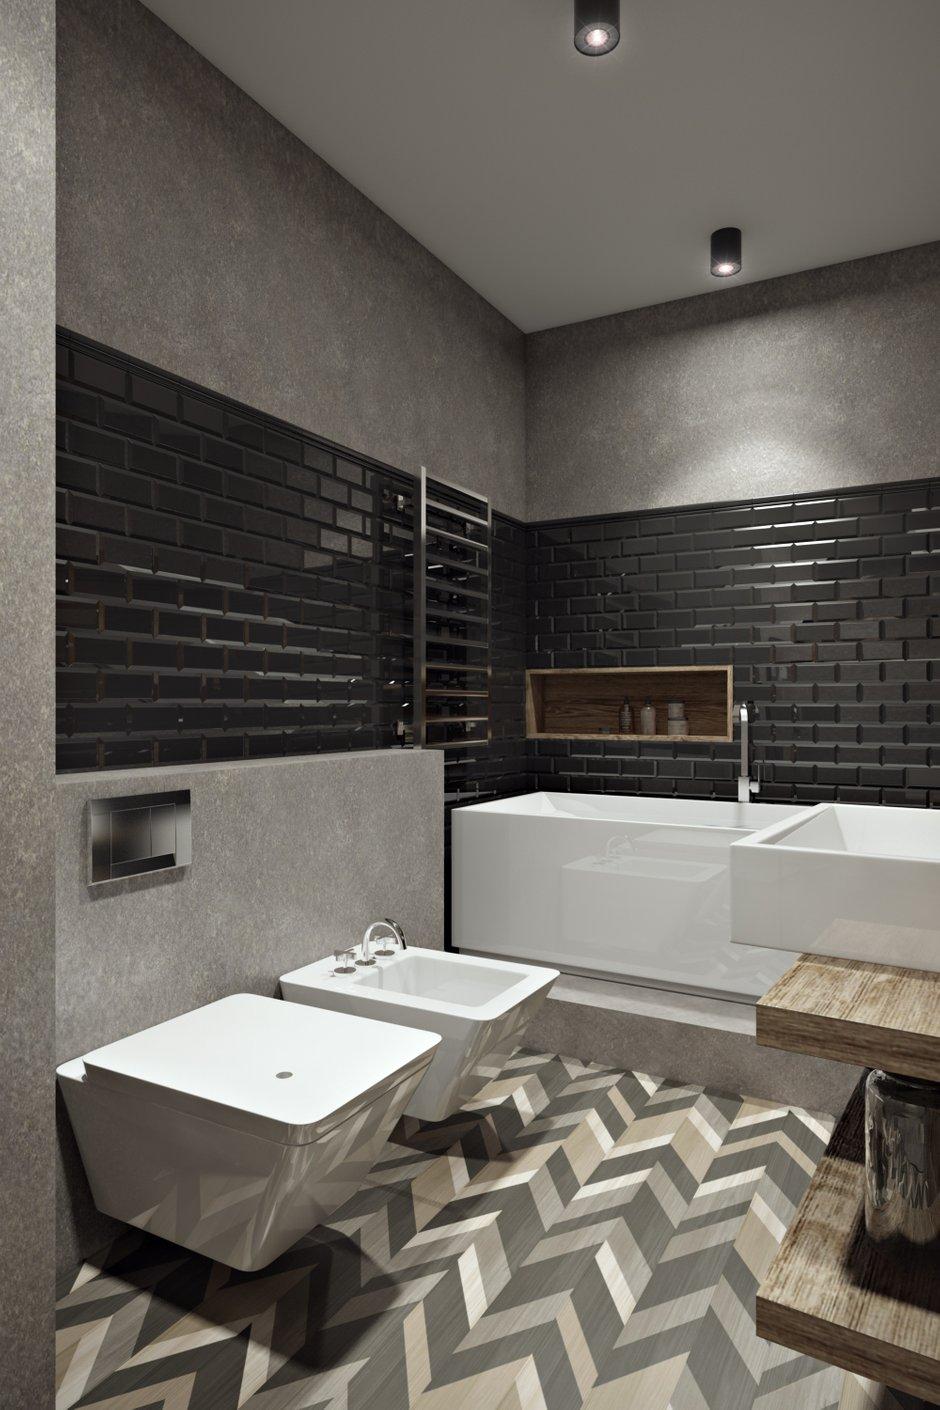 Фотография: Ванная в стиле Лофт, Квартира, Проект недели, Москва, Диана Мальцева, новостройка, Монолитный дом, 2 комнаты, 60-90 метров – фото на INMYROOM